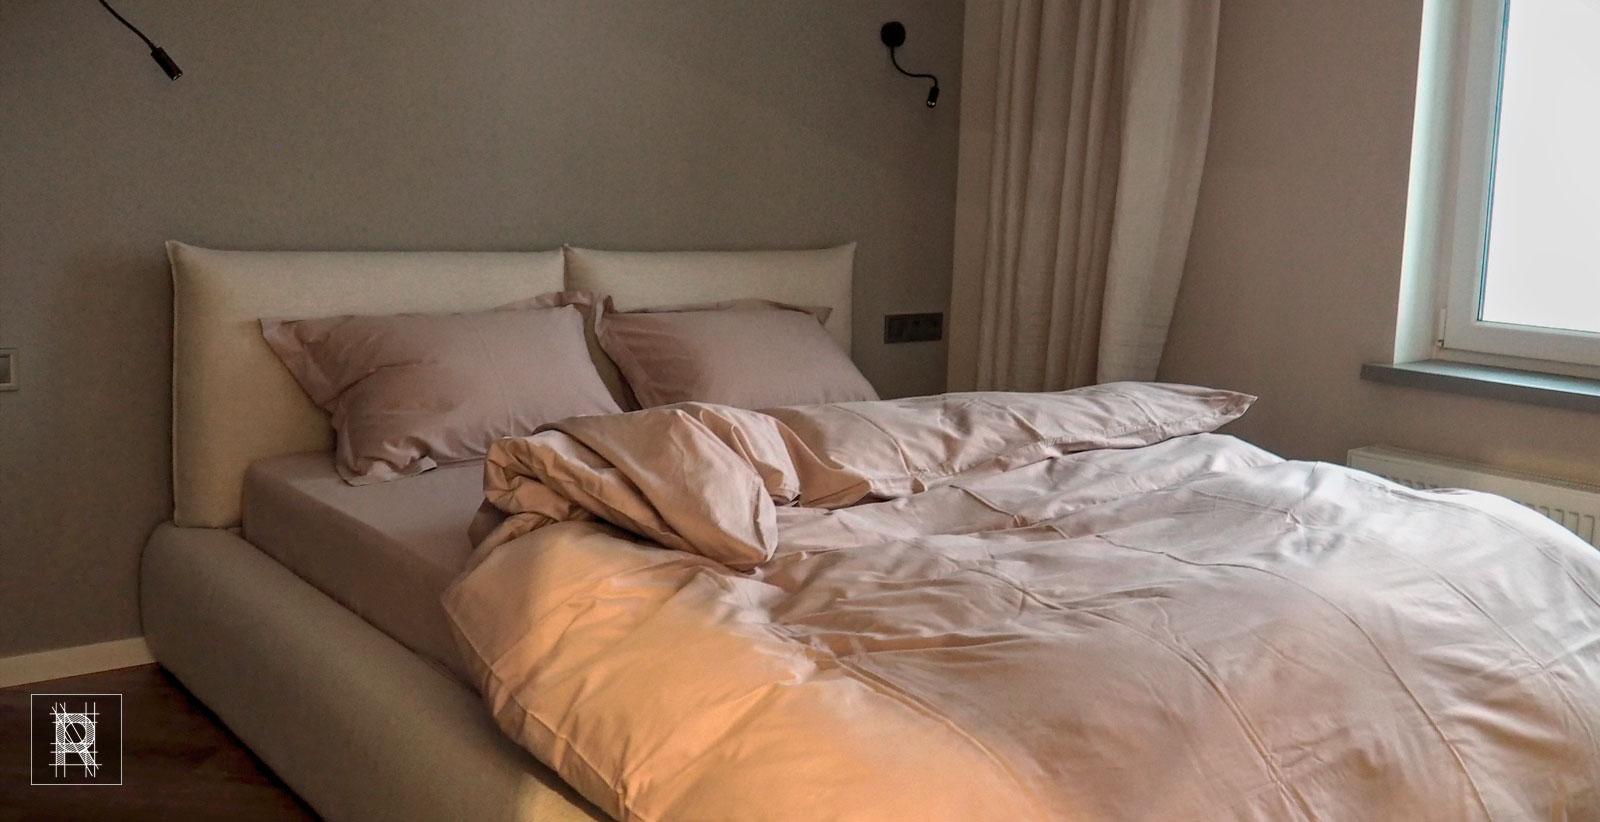 Фото спальни в пудро-розовом цвете